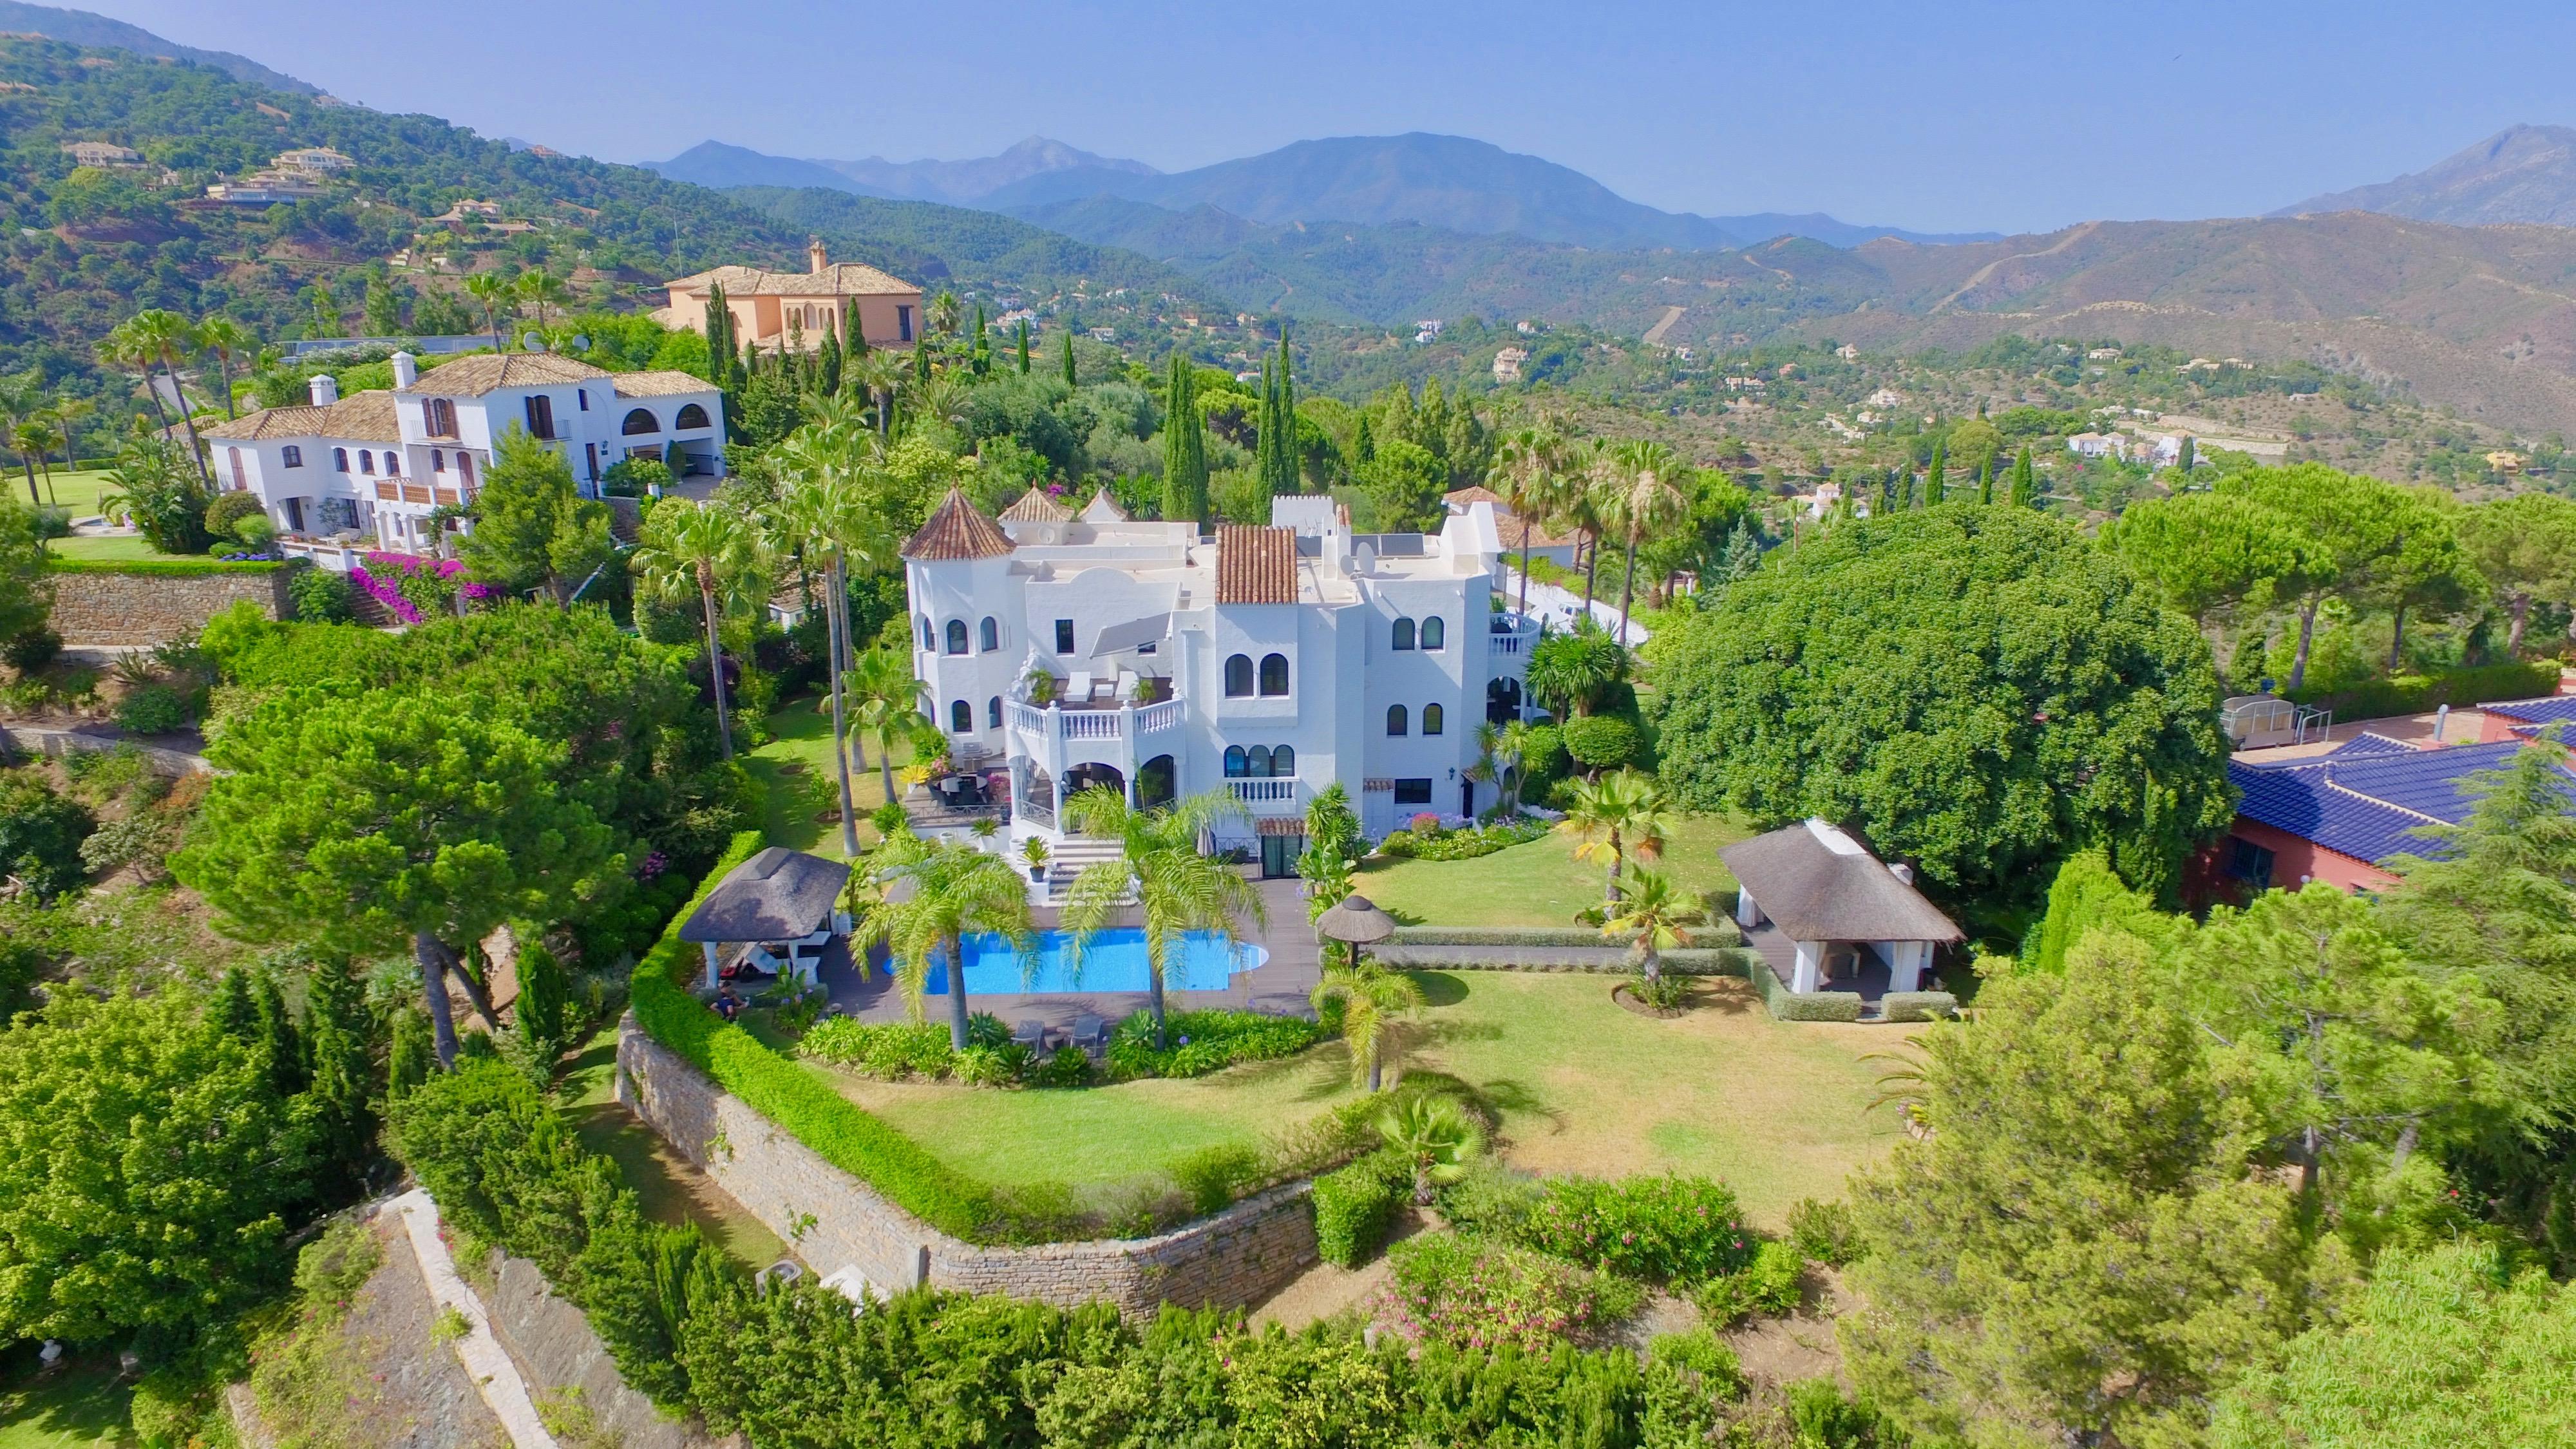 Das Leben in El Madroñal, Marbella